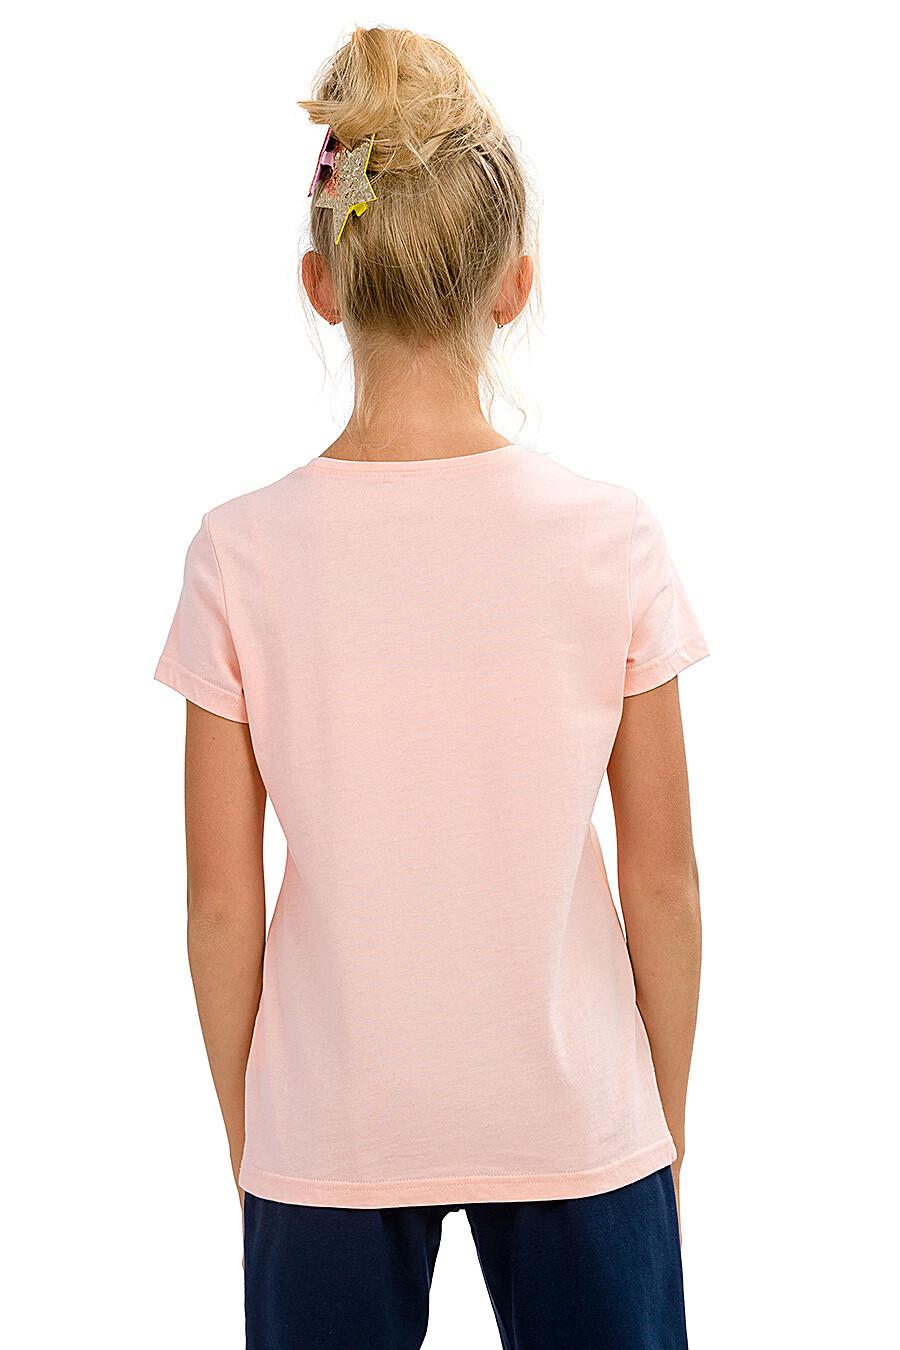 Футболка для девочек PELICAN 161259 купить оптом от производителя. Совместная покупка детской одежды в OptMoyo